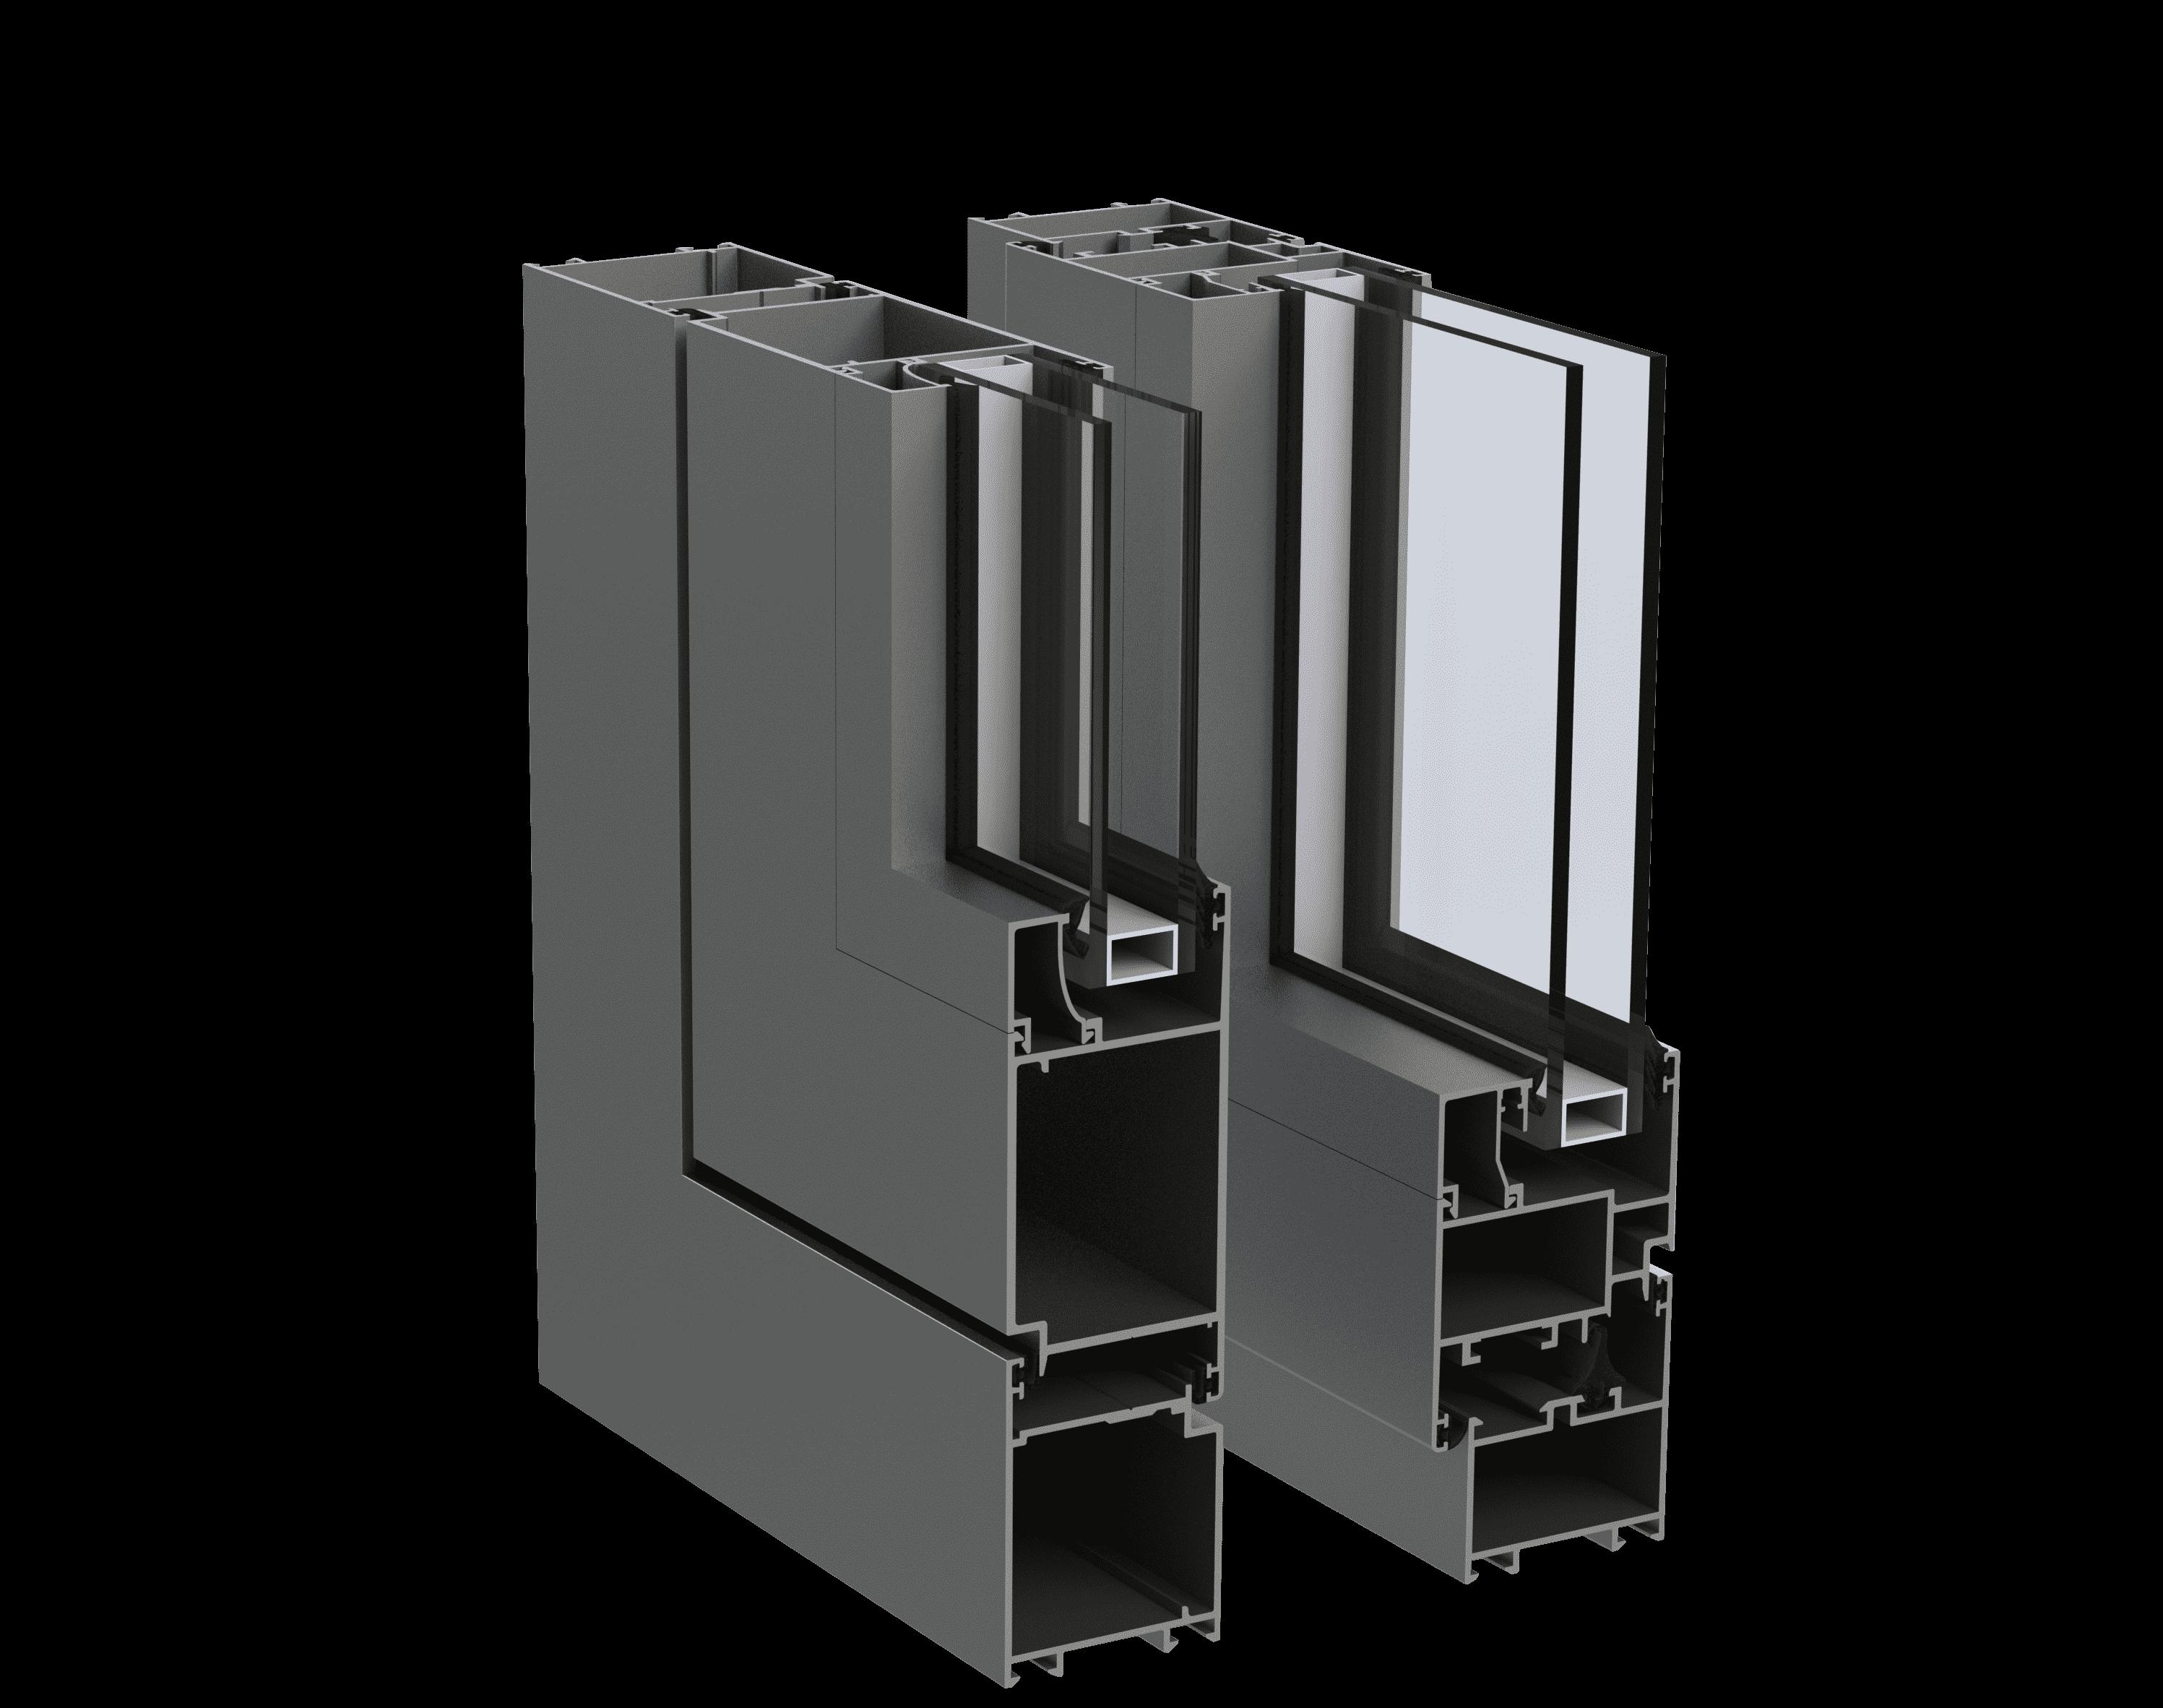 Холодна віконно-дверна алюмінієва система alumil m15000 від EKIPAZH. Вигідні умови для дилерів